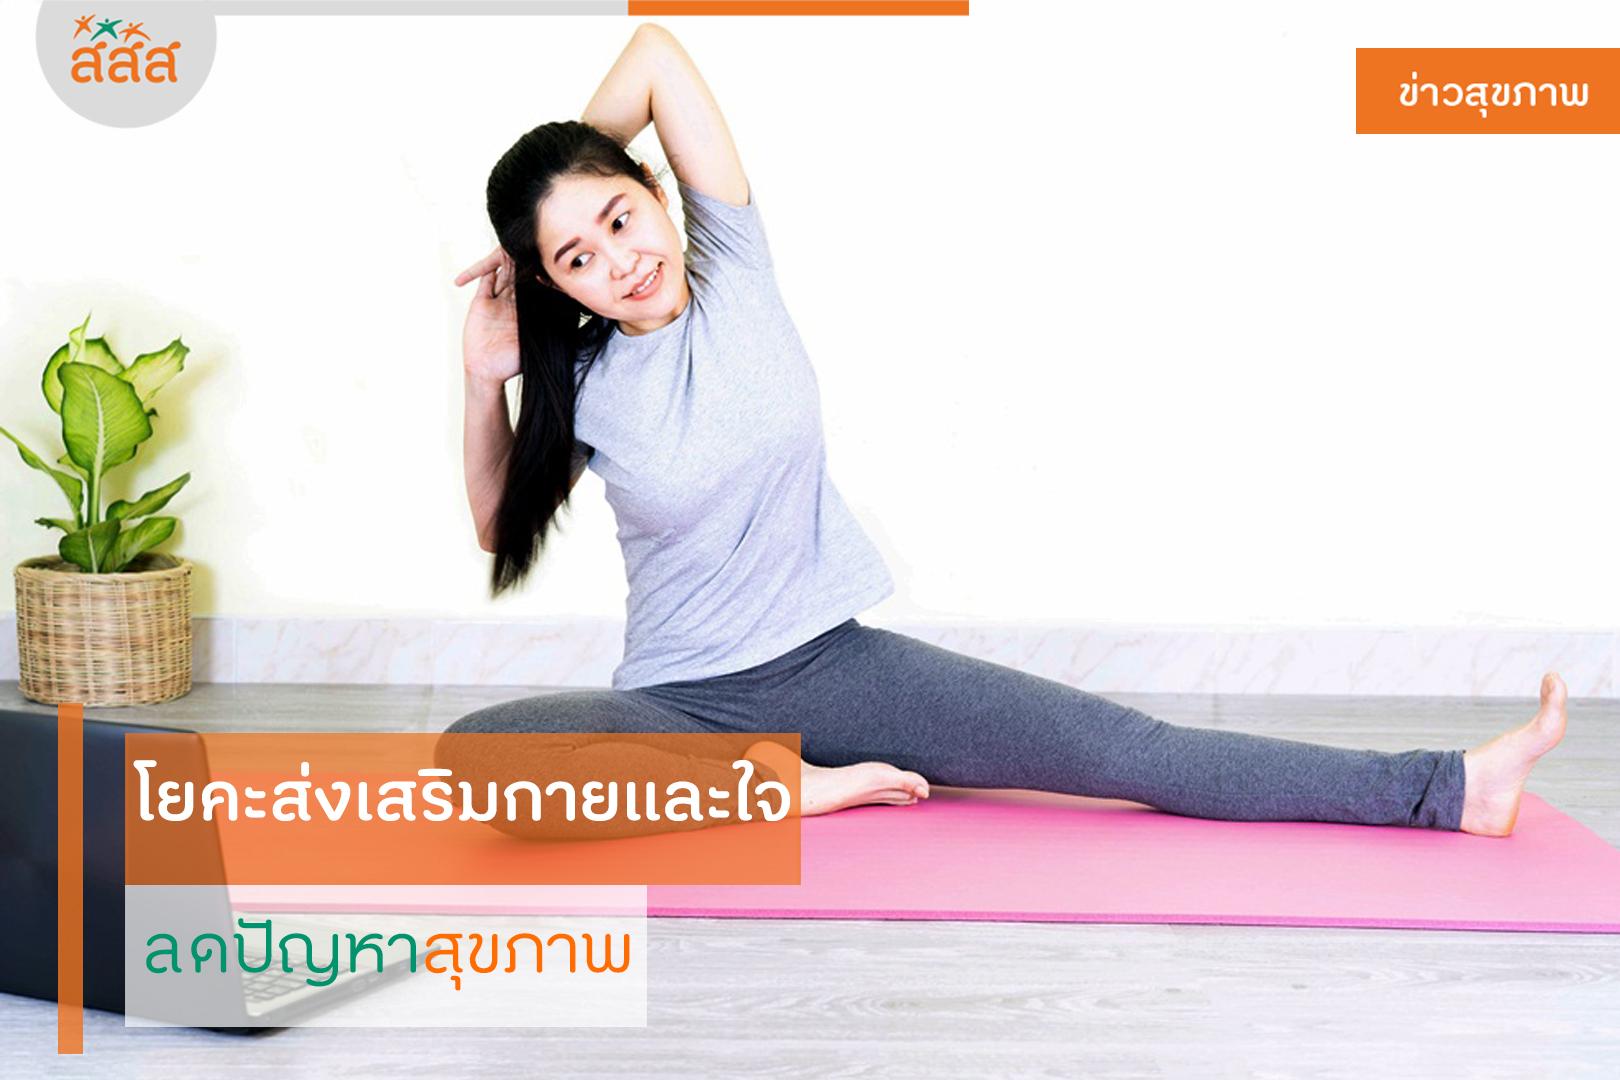 โยคะส่งเสริมกายและใจ ลดปัญหาสุขภาพ thaihealth